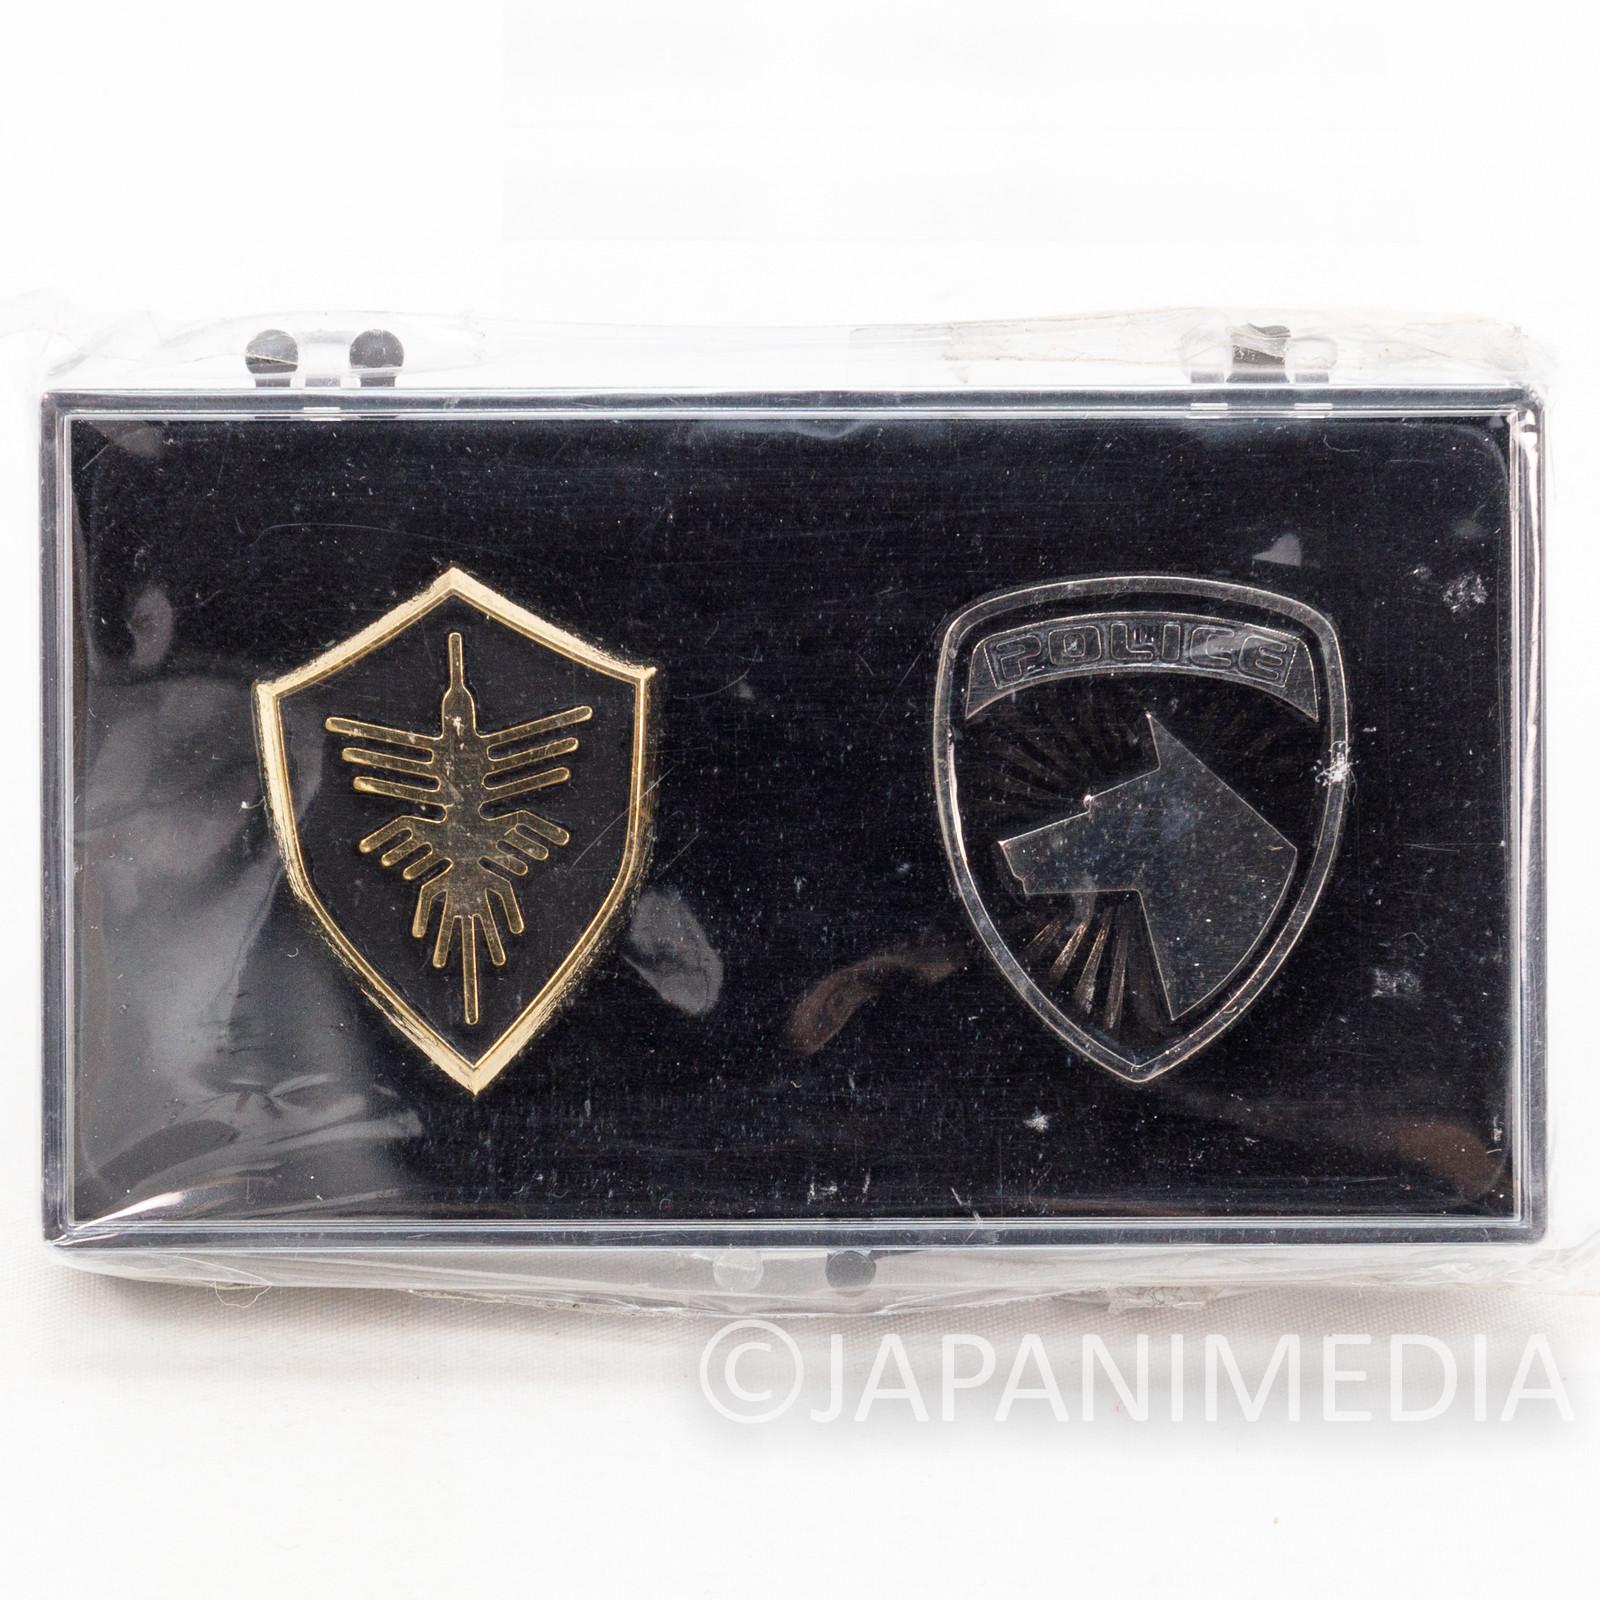 Space Sheriff Gavan & Tokusou Sentai Dekaranger Space Squad Pins Set TOKUSATSU